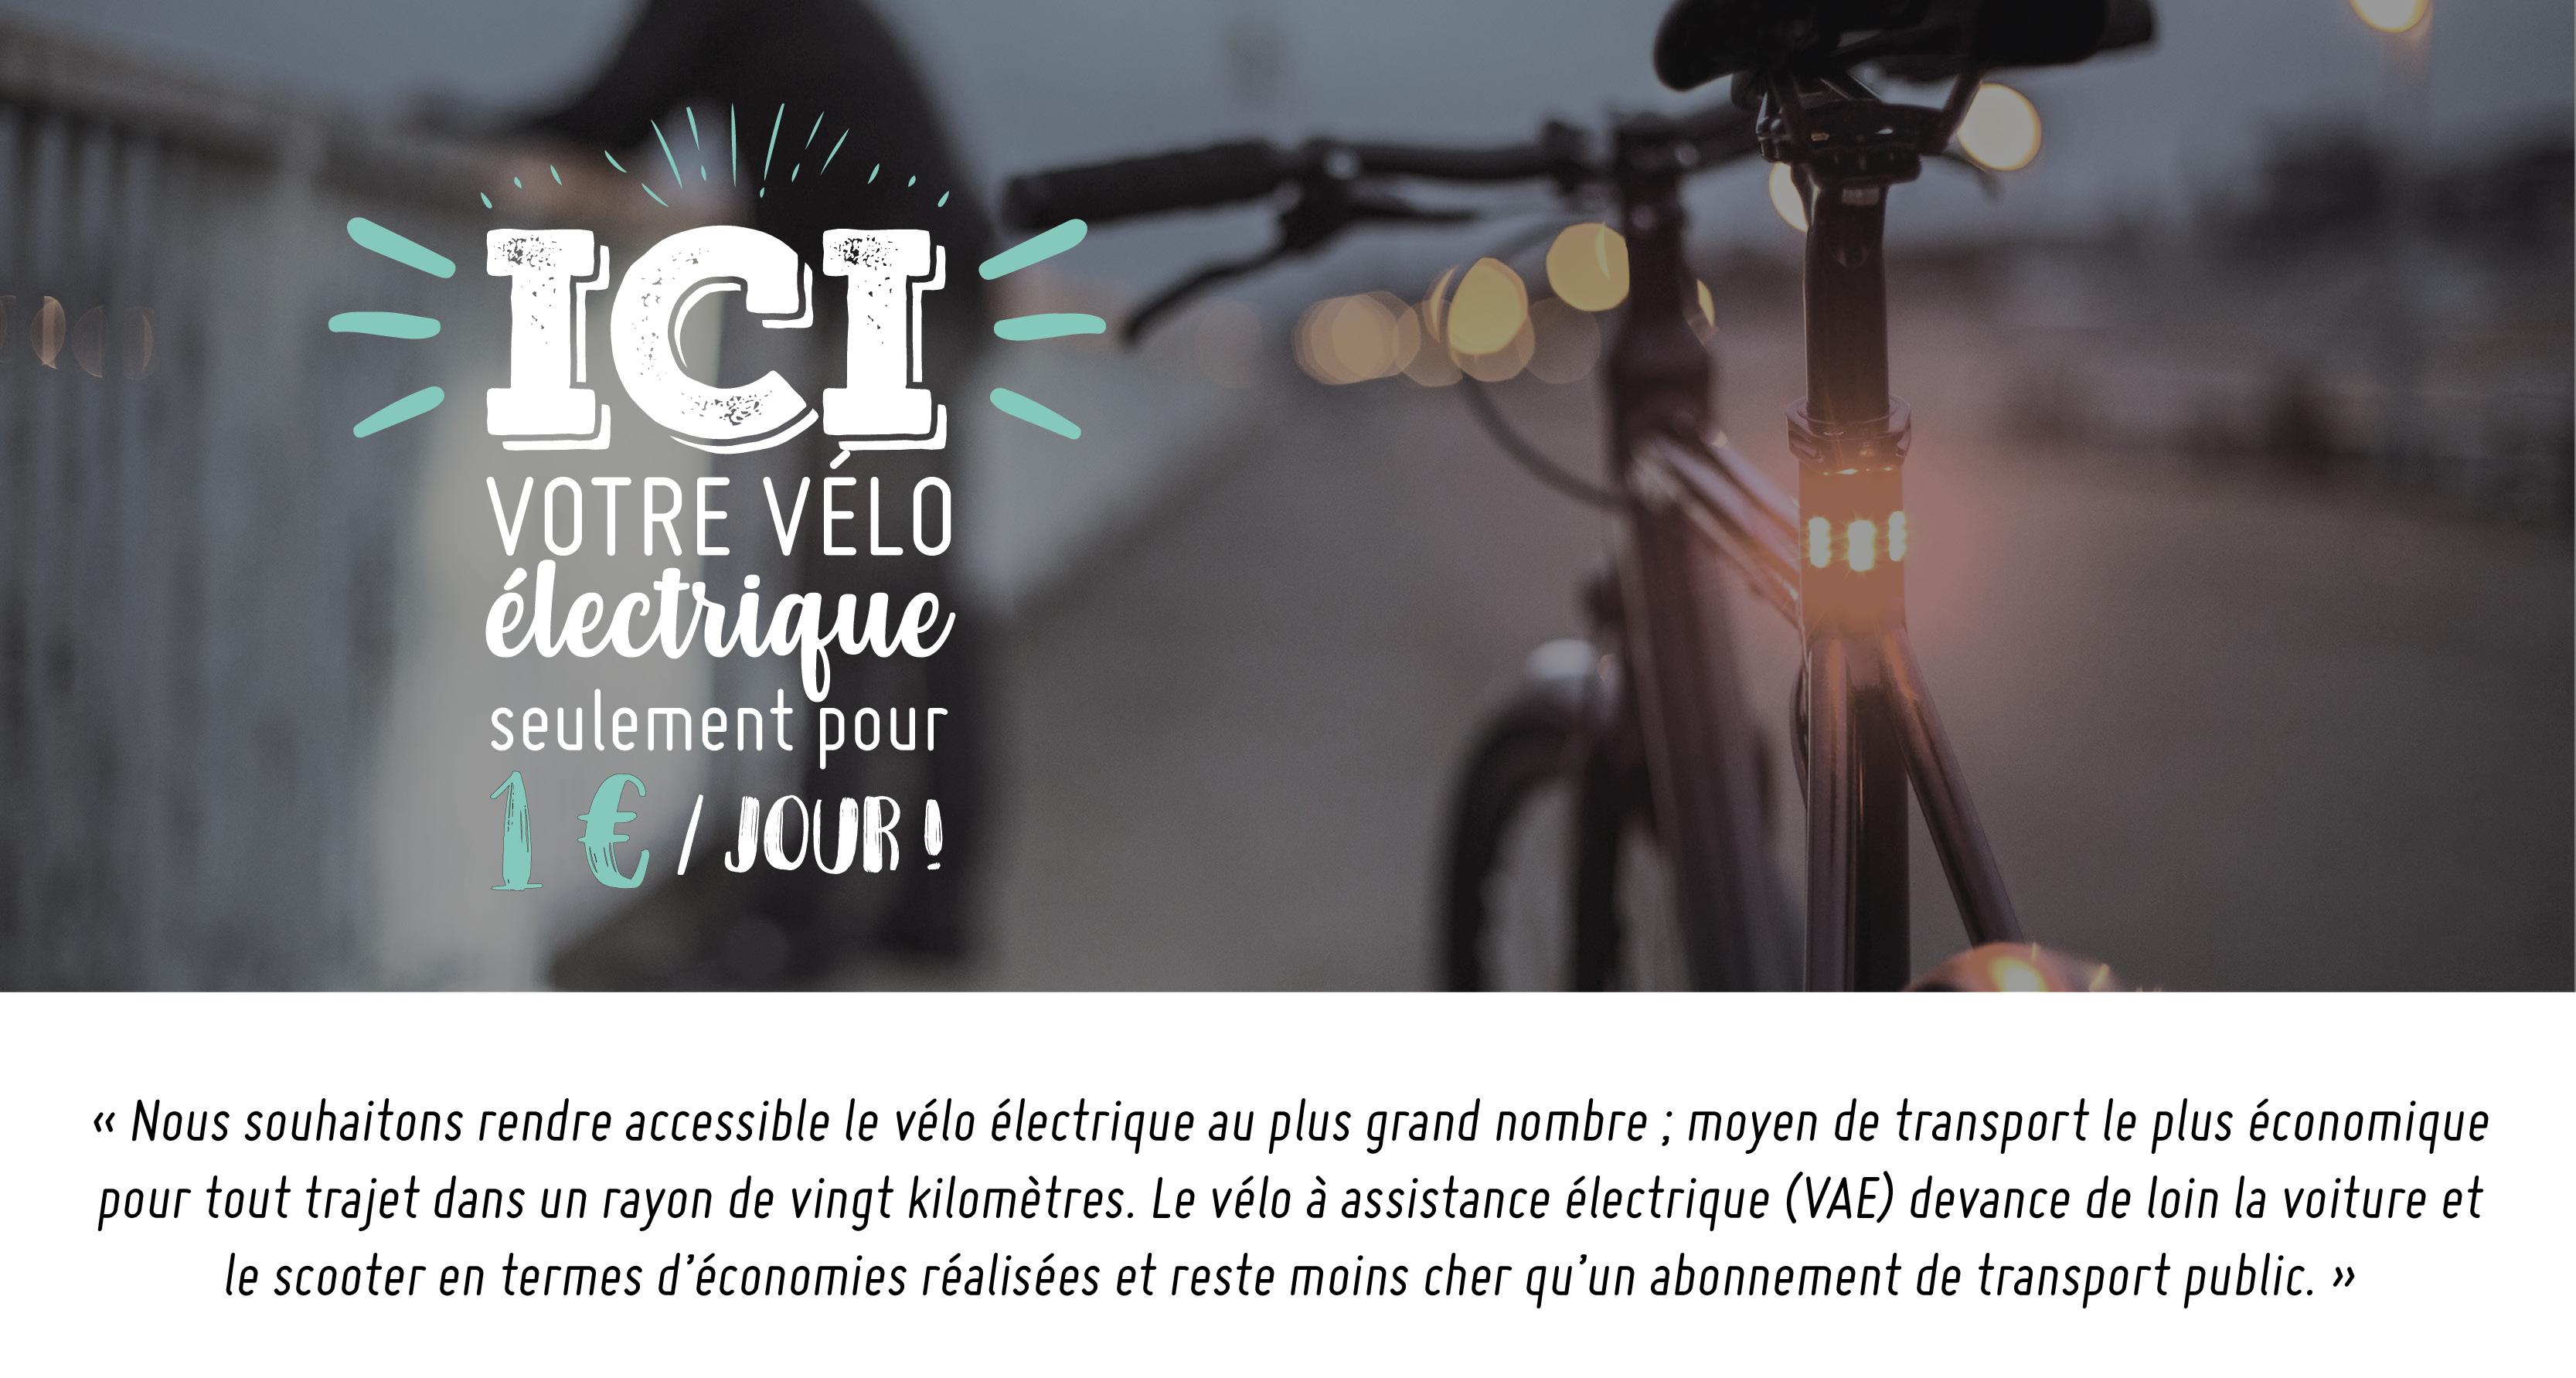 Vélo à 1€ par jour